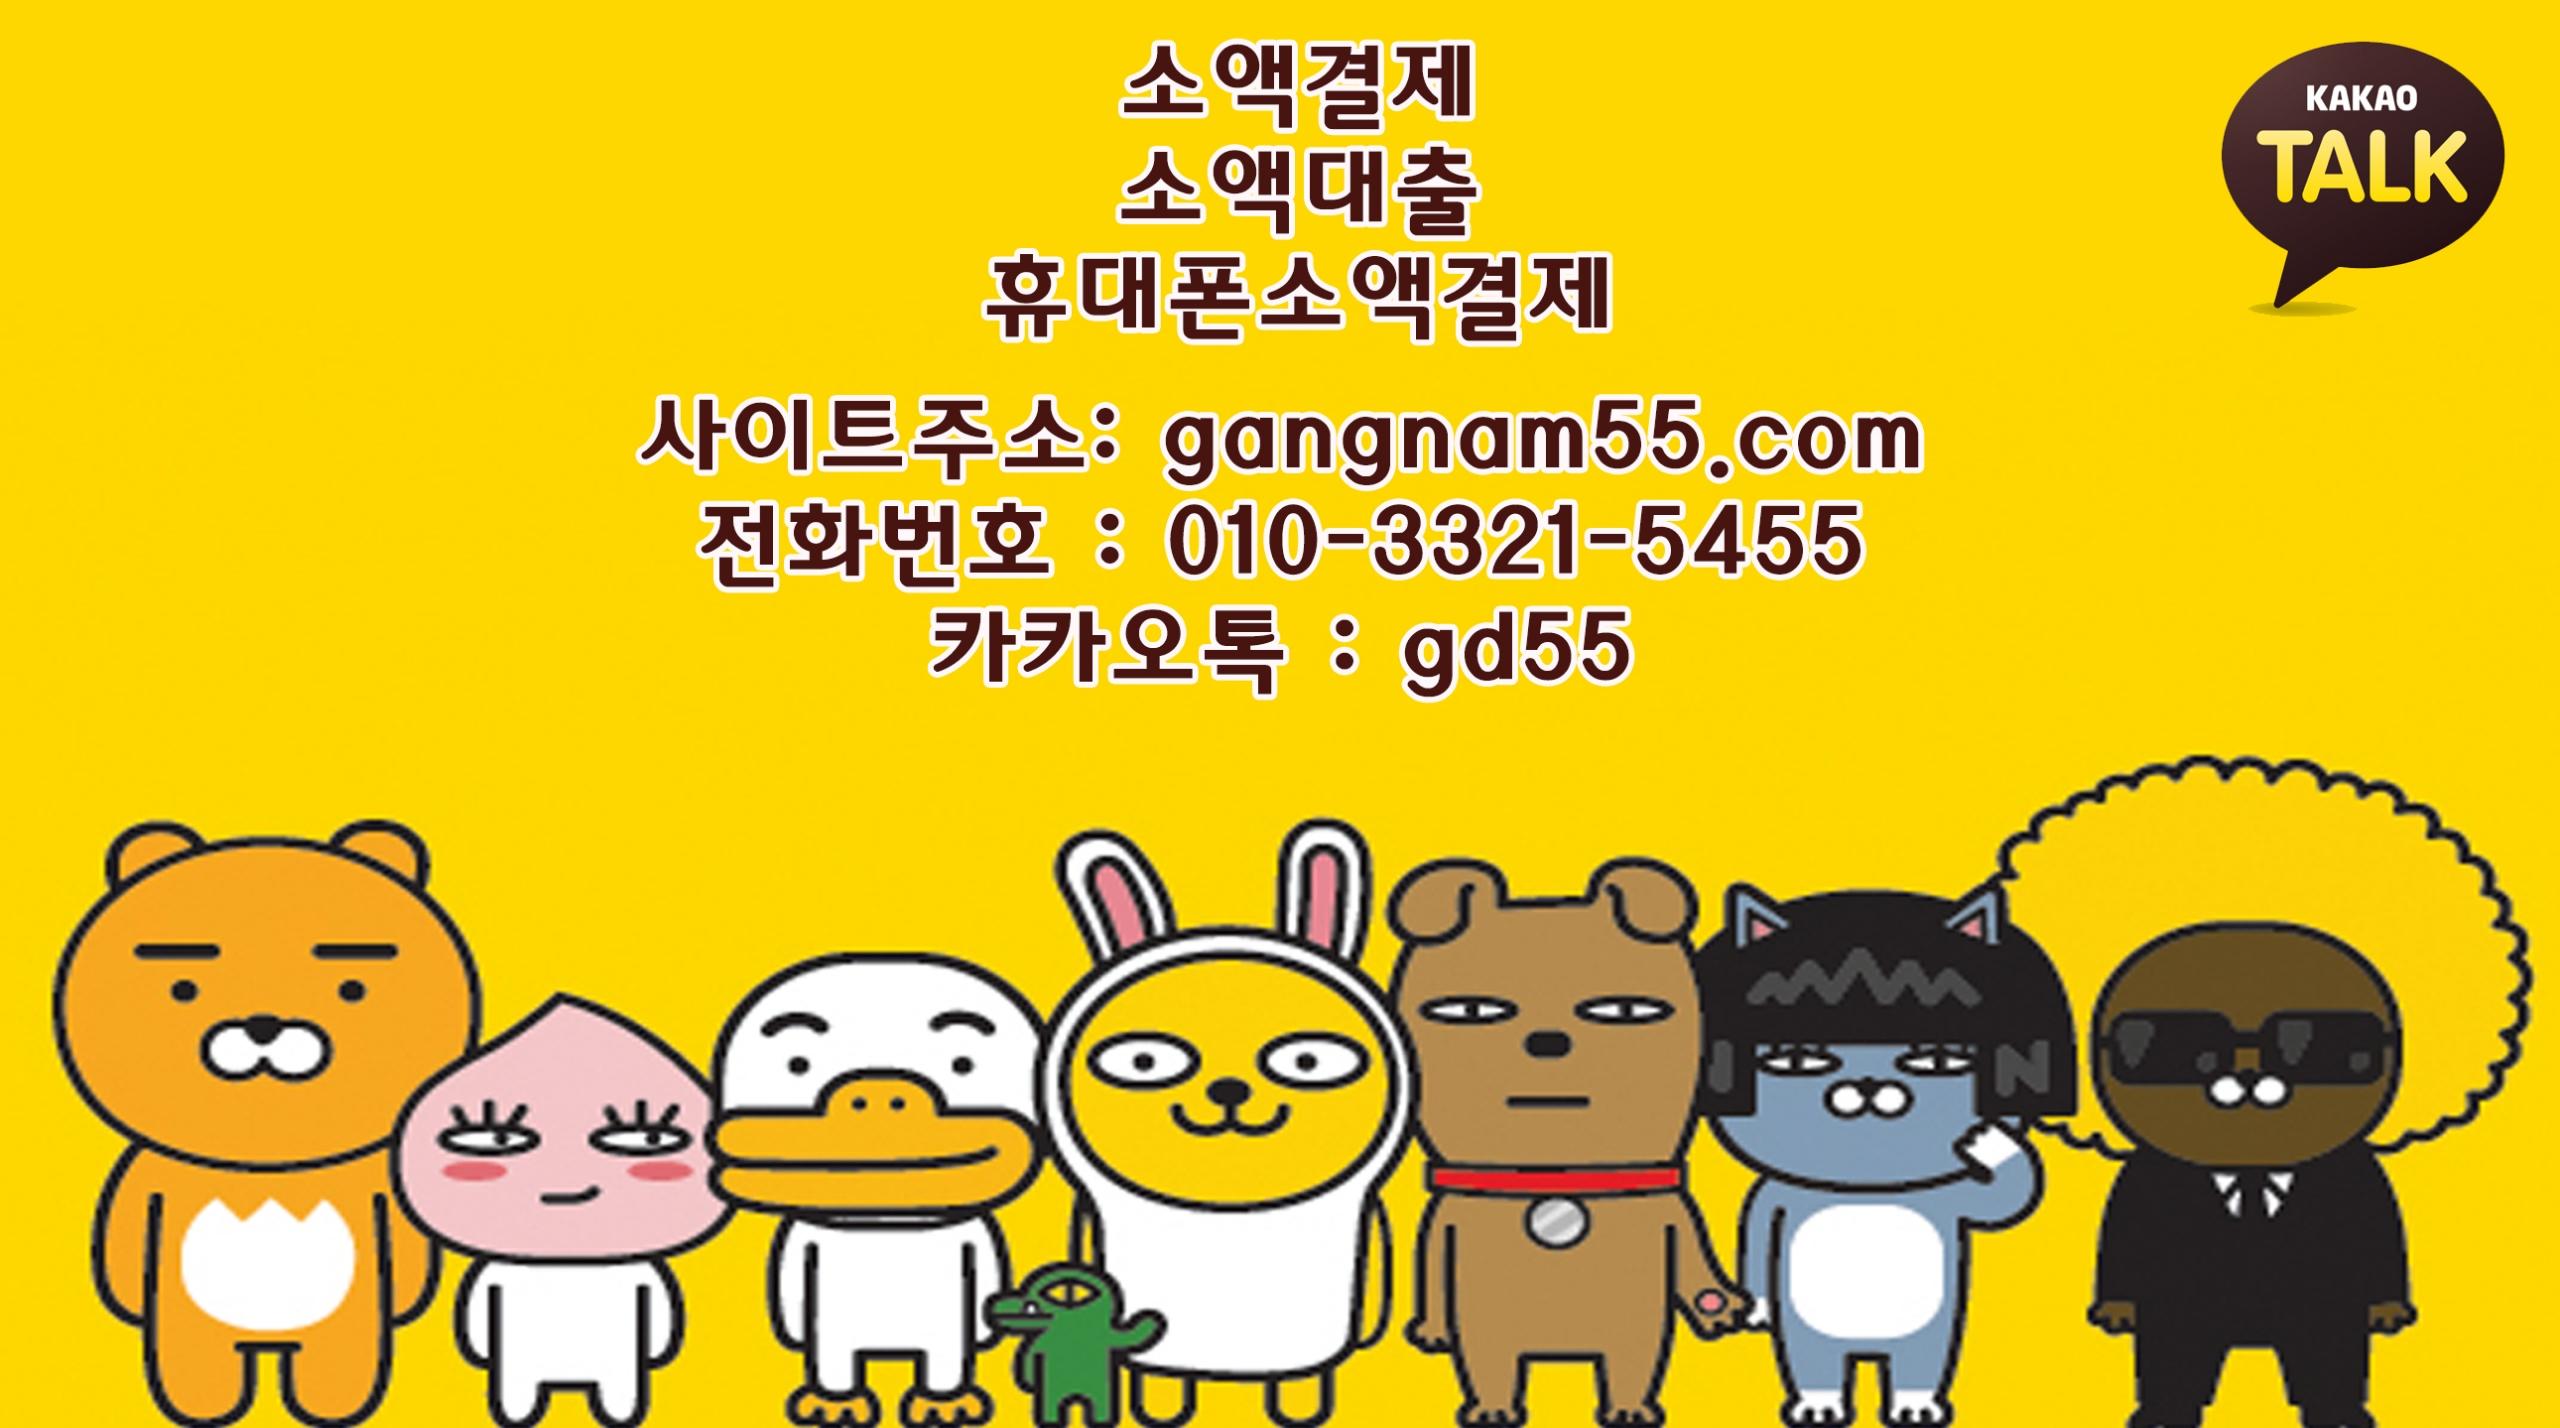 상품권판매 GANGNAM점KR (@thdorrufwp16) Cover Image